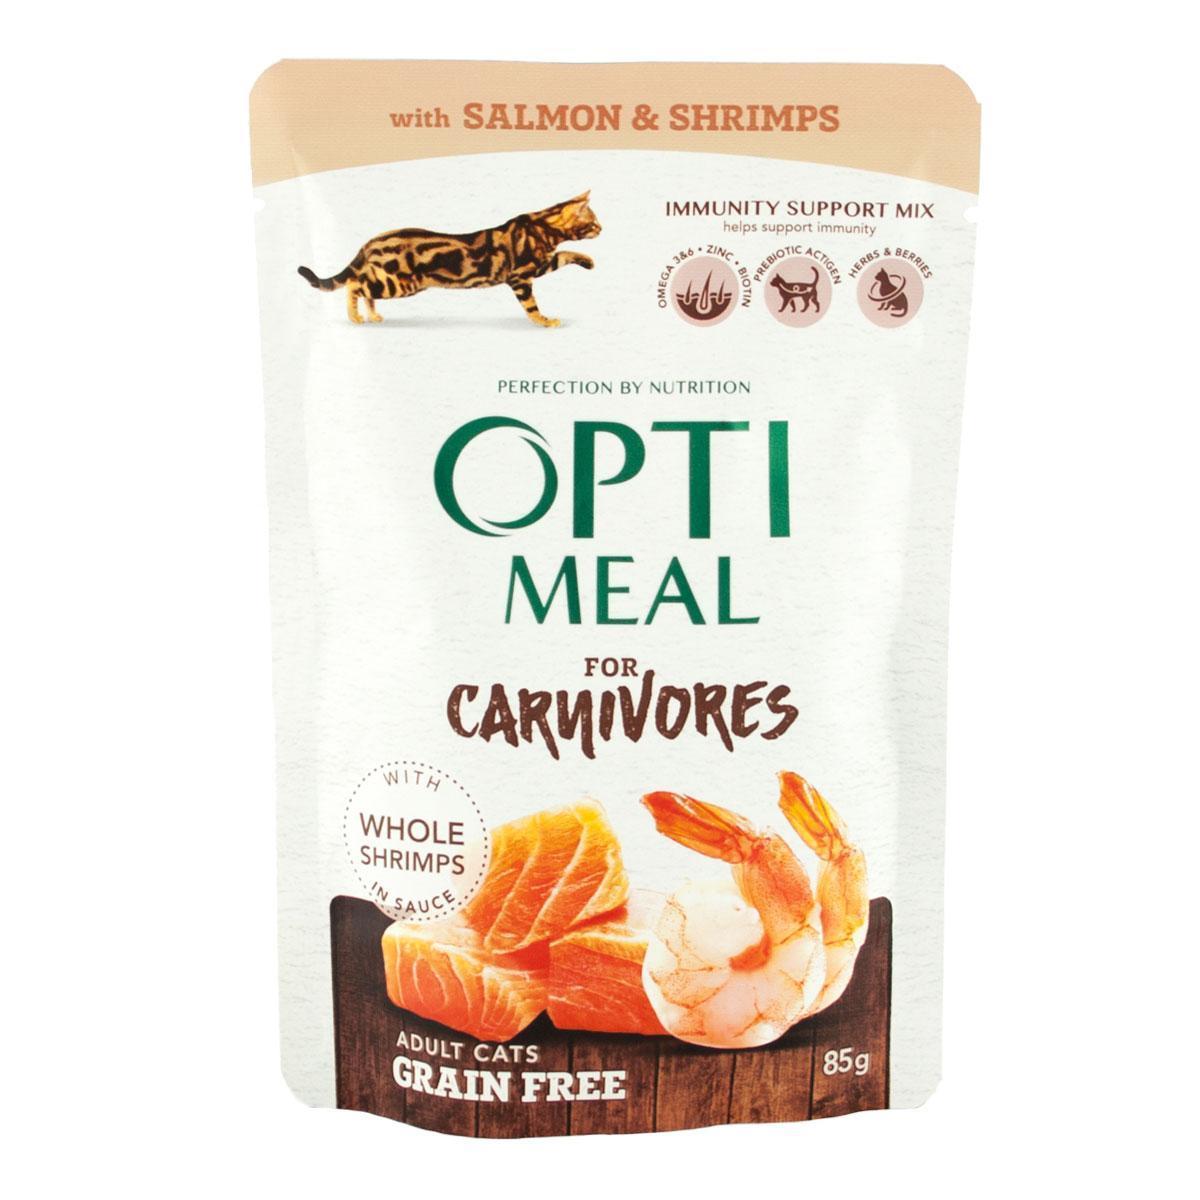 Вологий беззерновой корм для кішок Optimeal з лососем і креветками блок 85 г*12 шт.